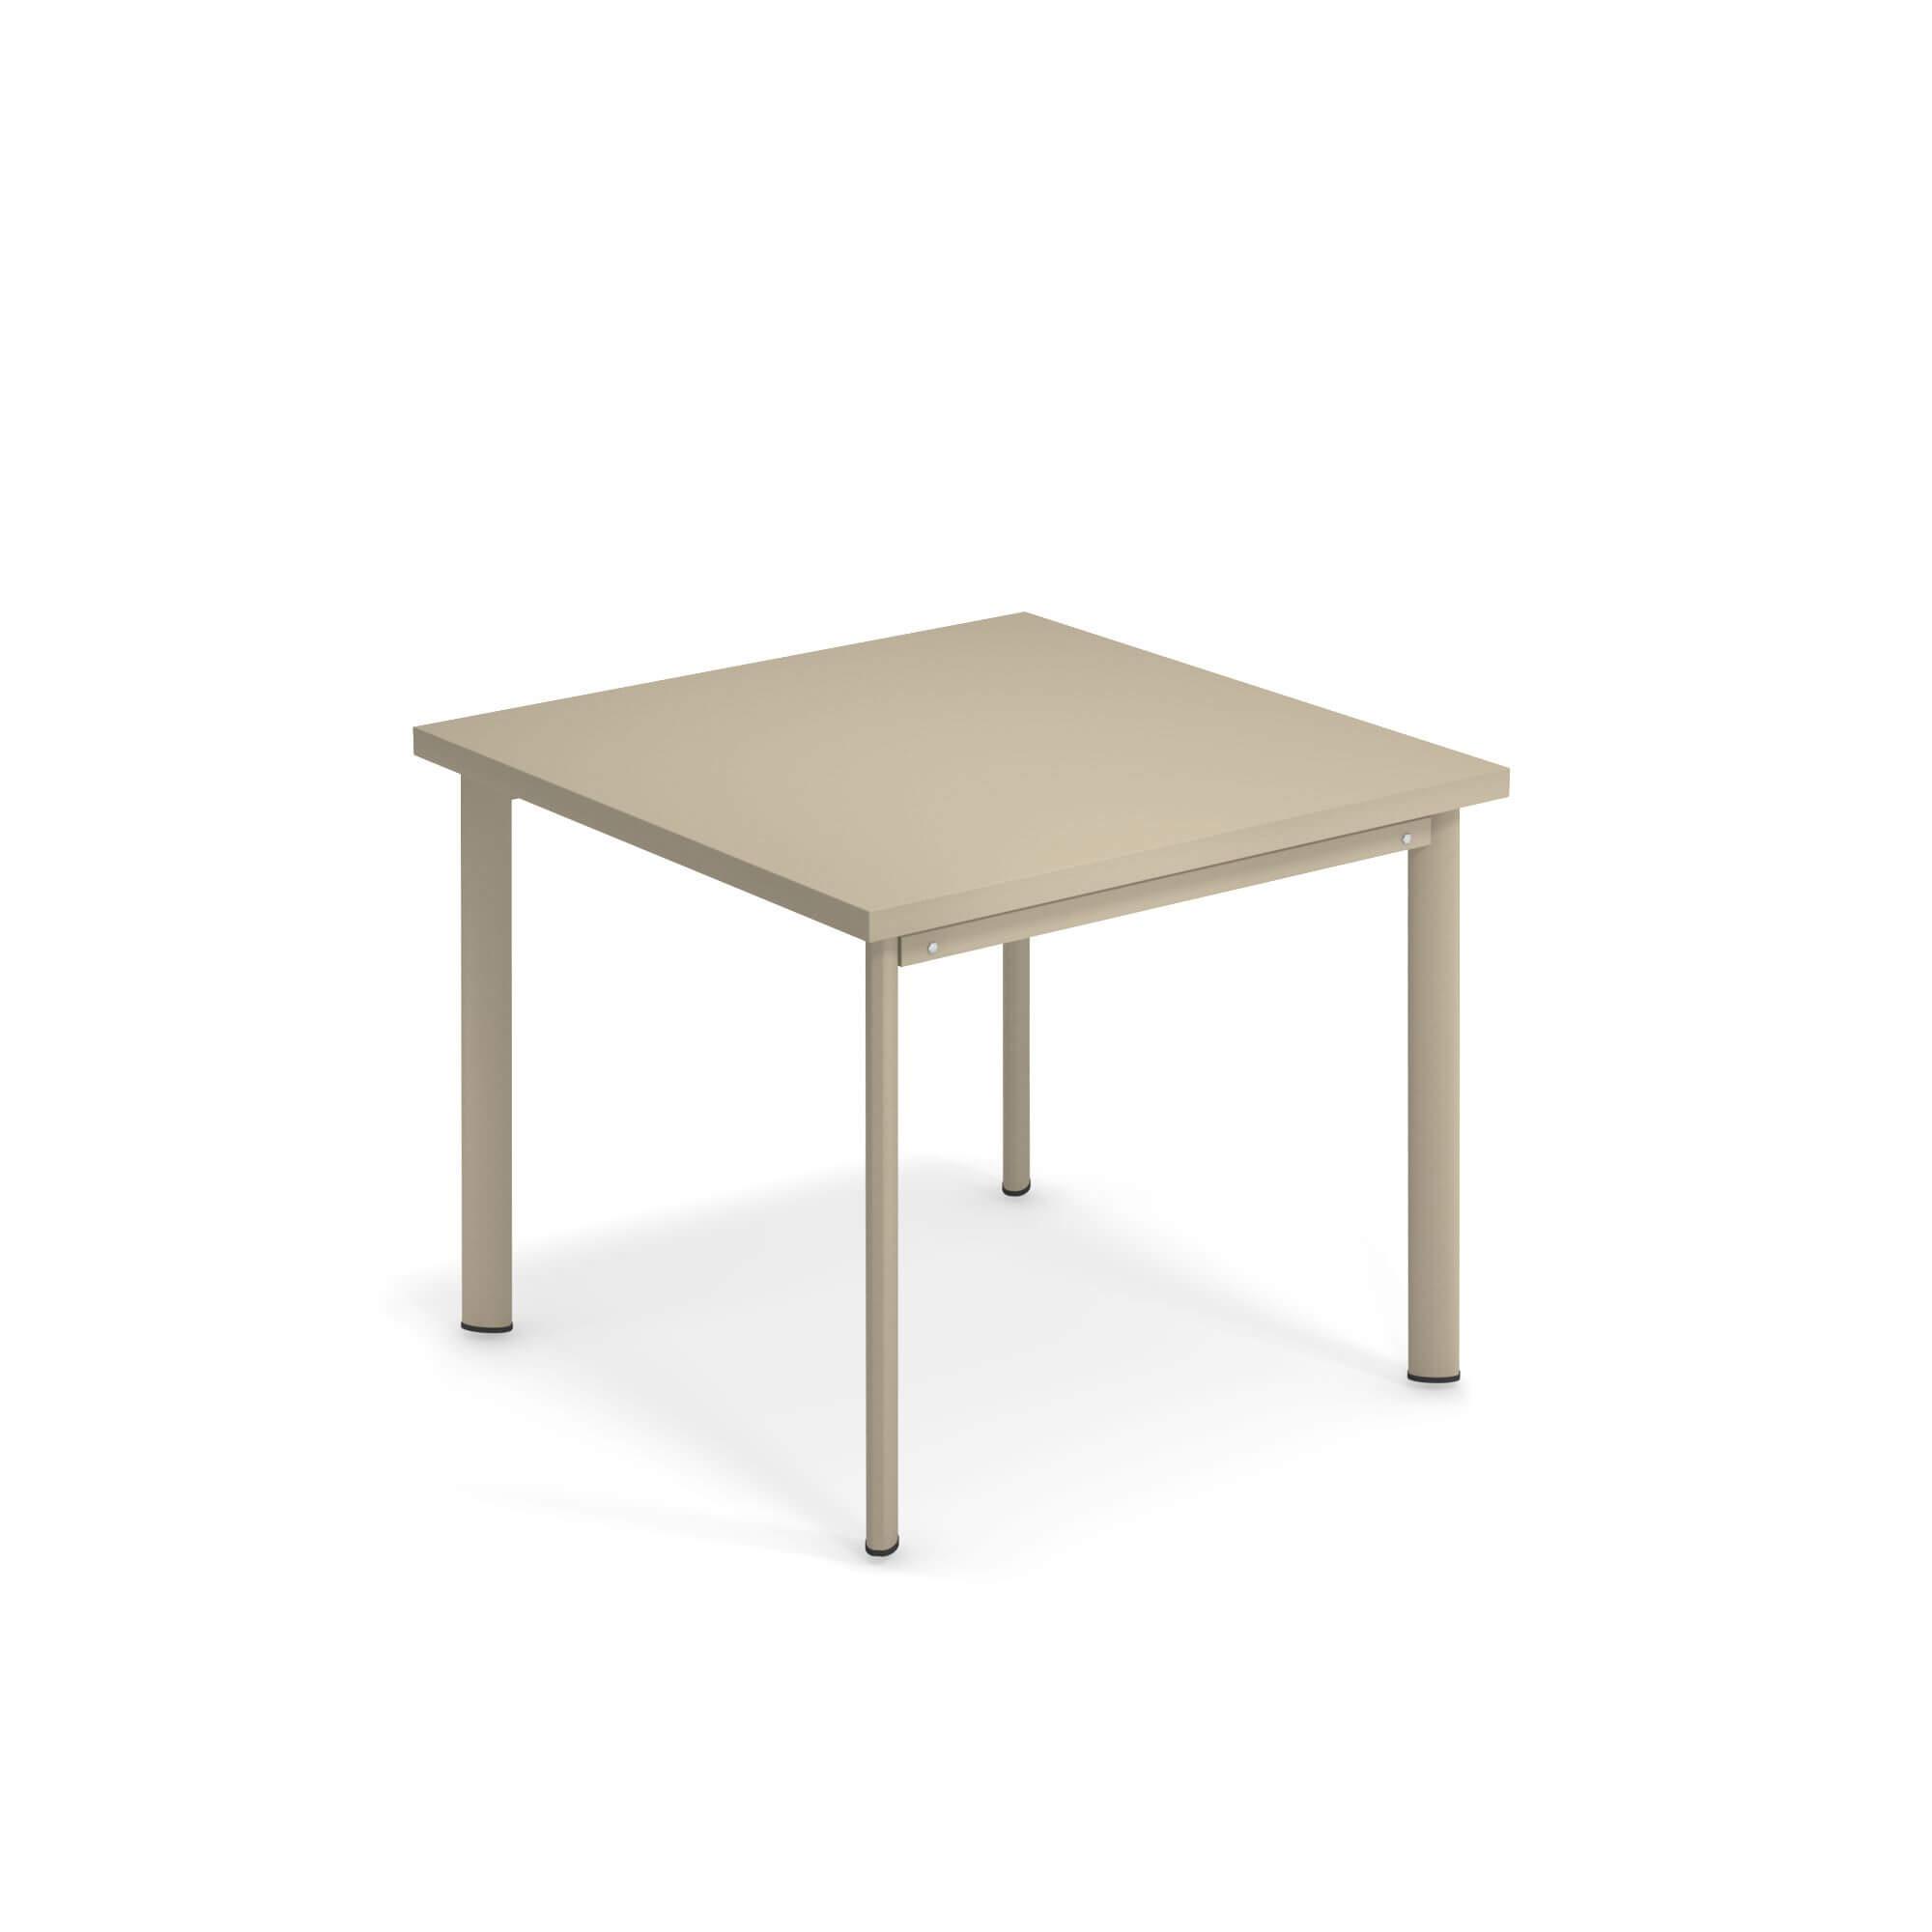 Tavoli Da Esterno Emu.Tavolo Quadrato 90x90 Da Giardino Esterno In Acciaio